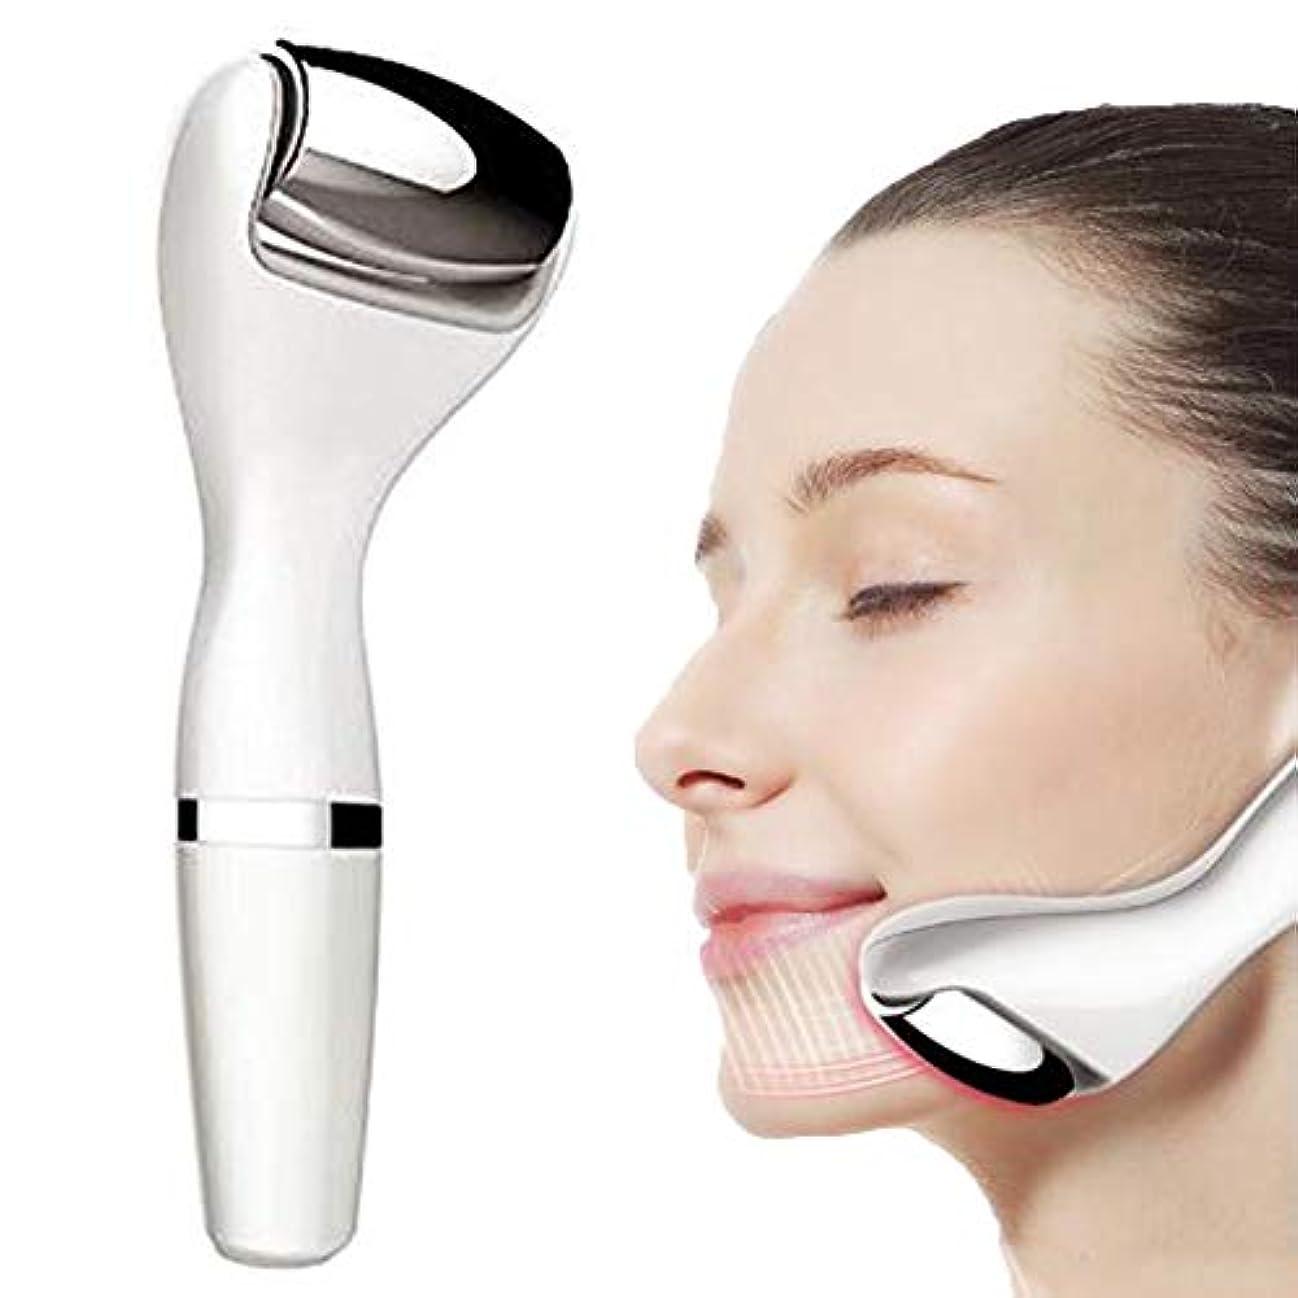 に対応シャットピストル美容機器 - リフティングと引き締め美容機器マイクロ電流細い線の軽減家庭用顔インポートエッセンス振動マッサージ